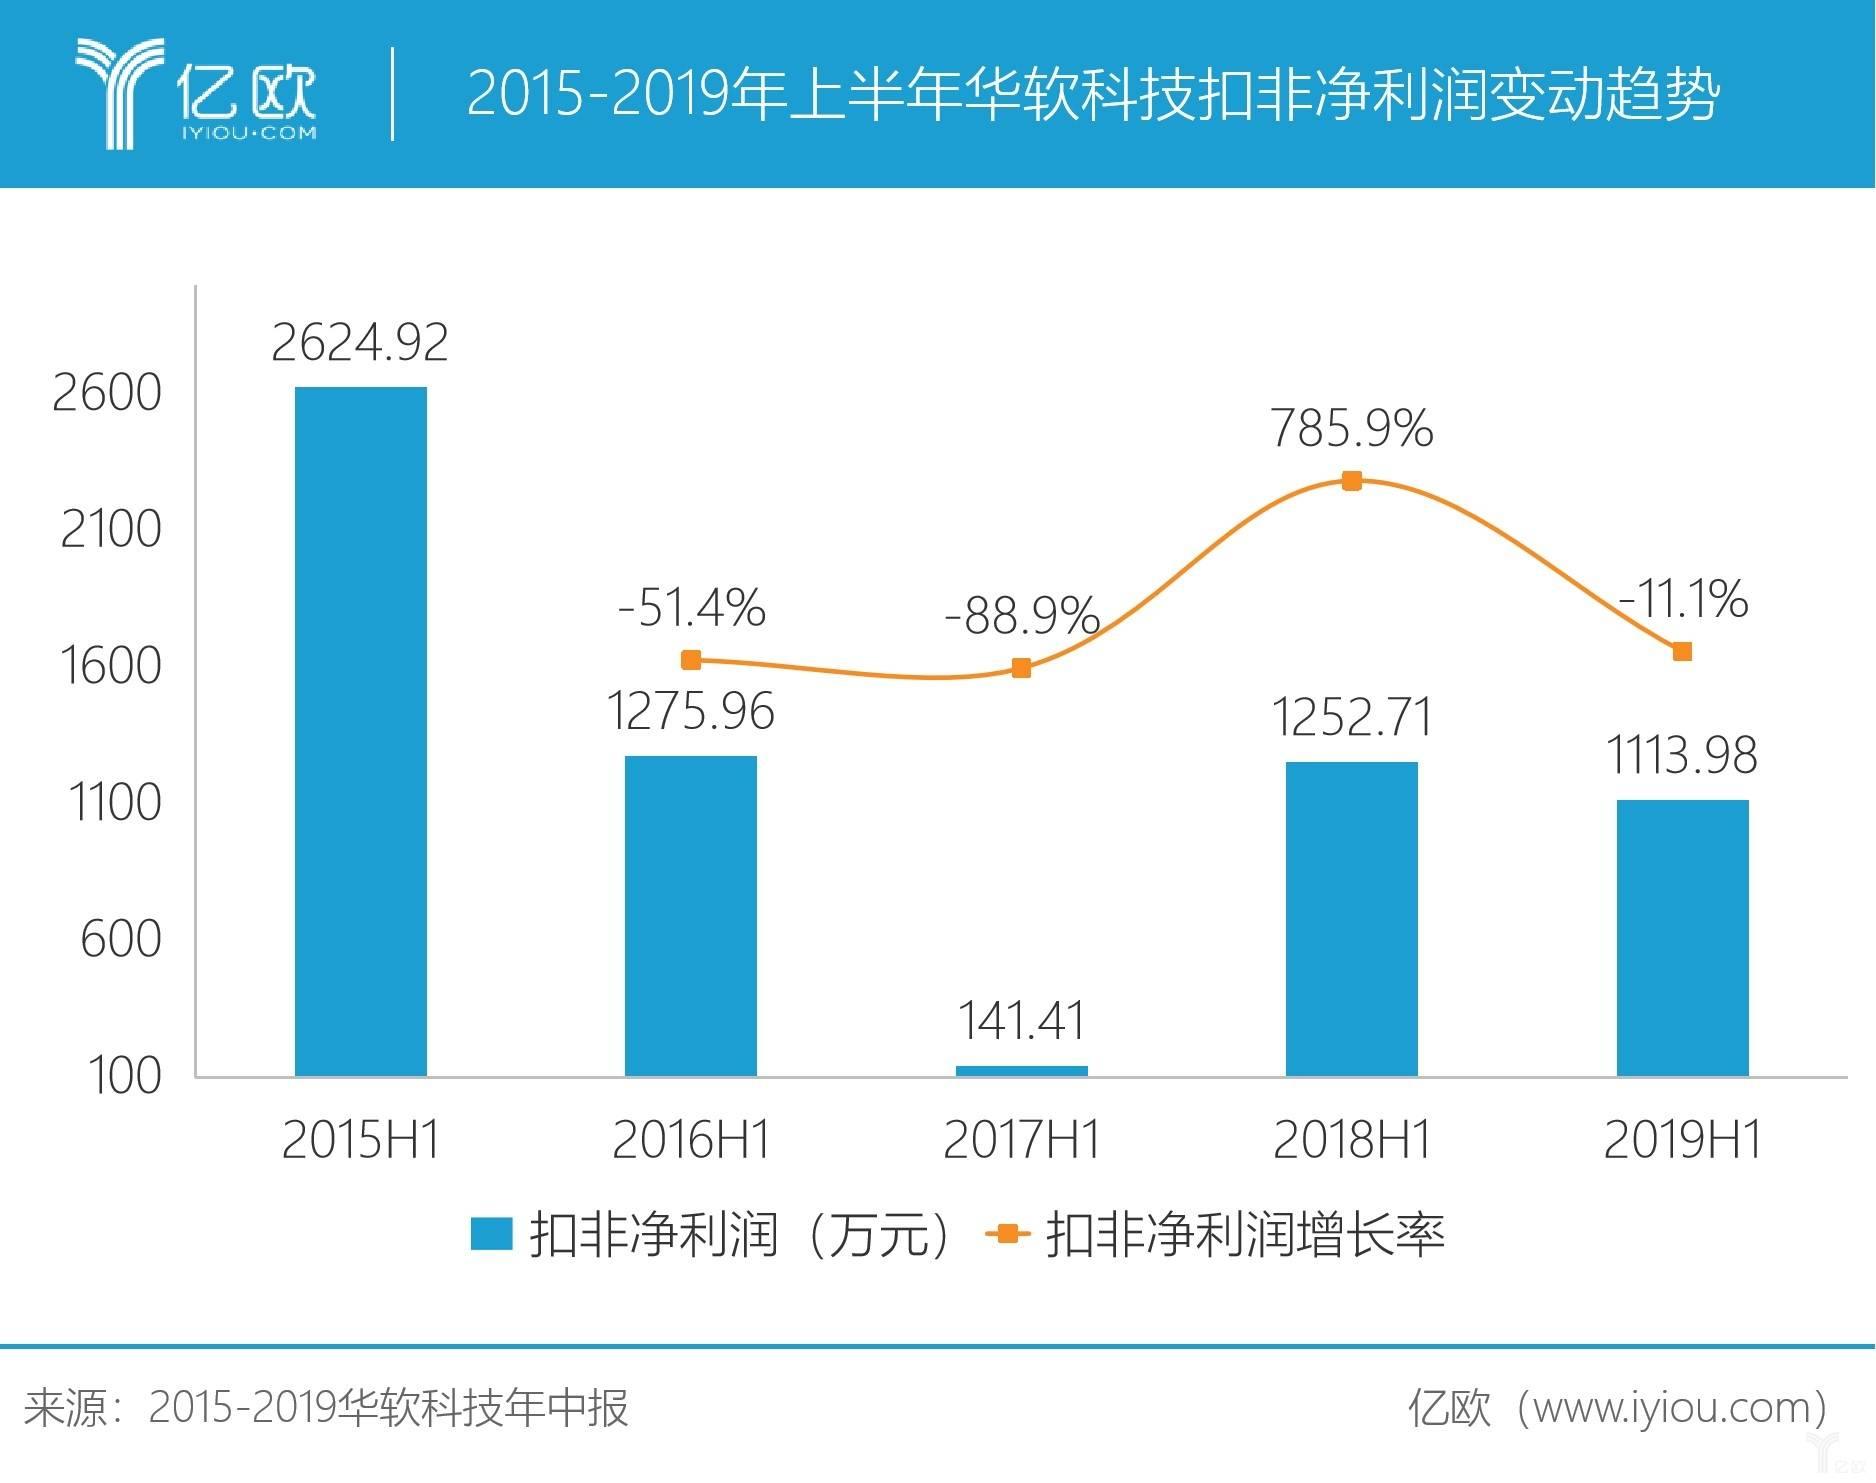 2015-2019年上半年华软科技扣非净利润变动趋势